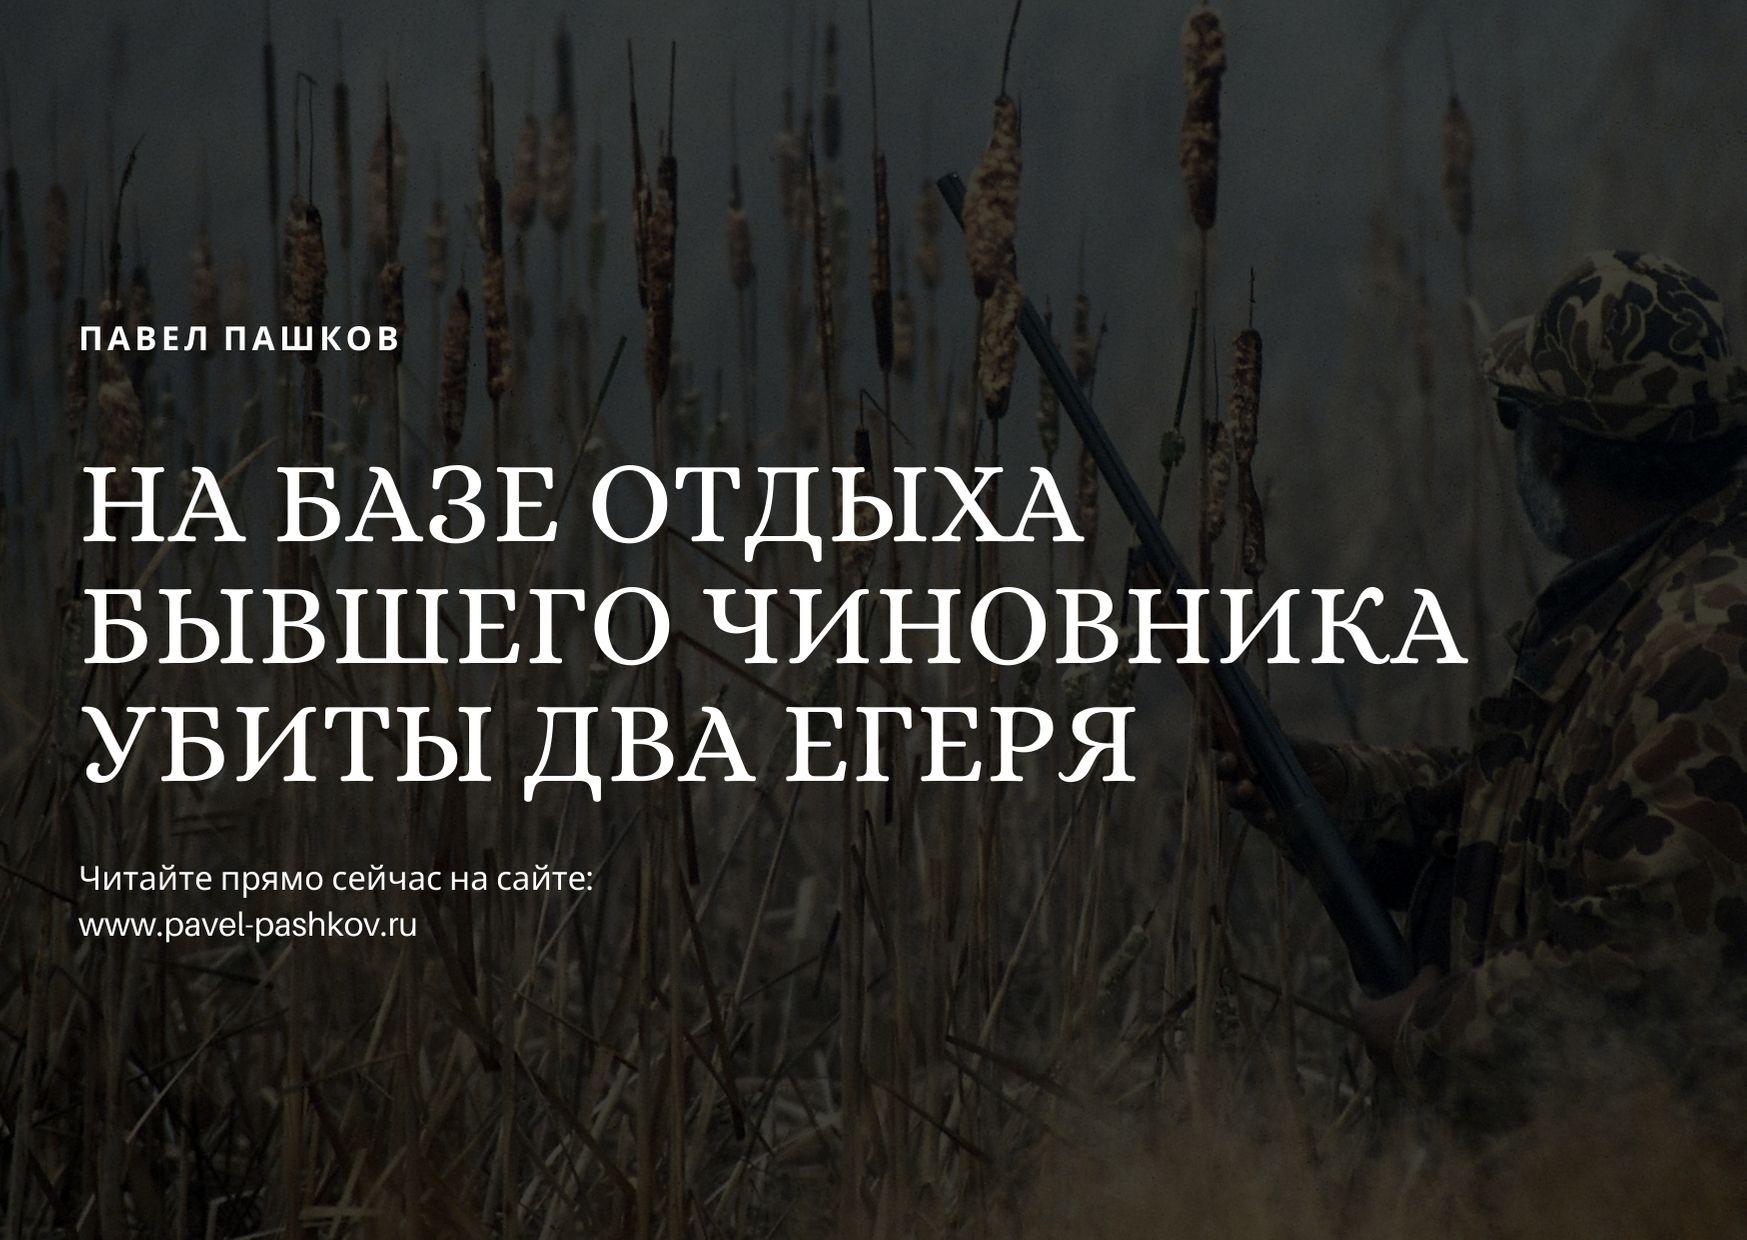 На базе отдыха бывшего влиятельного чиновника Москвы убиты два егеря!